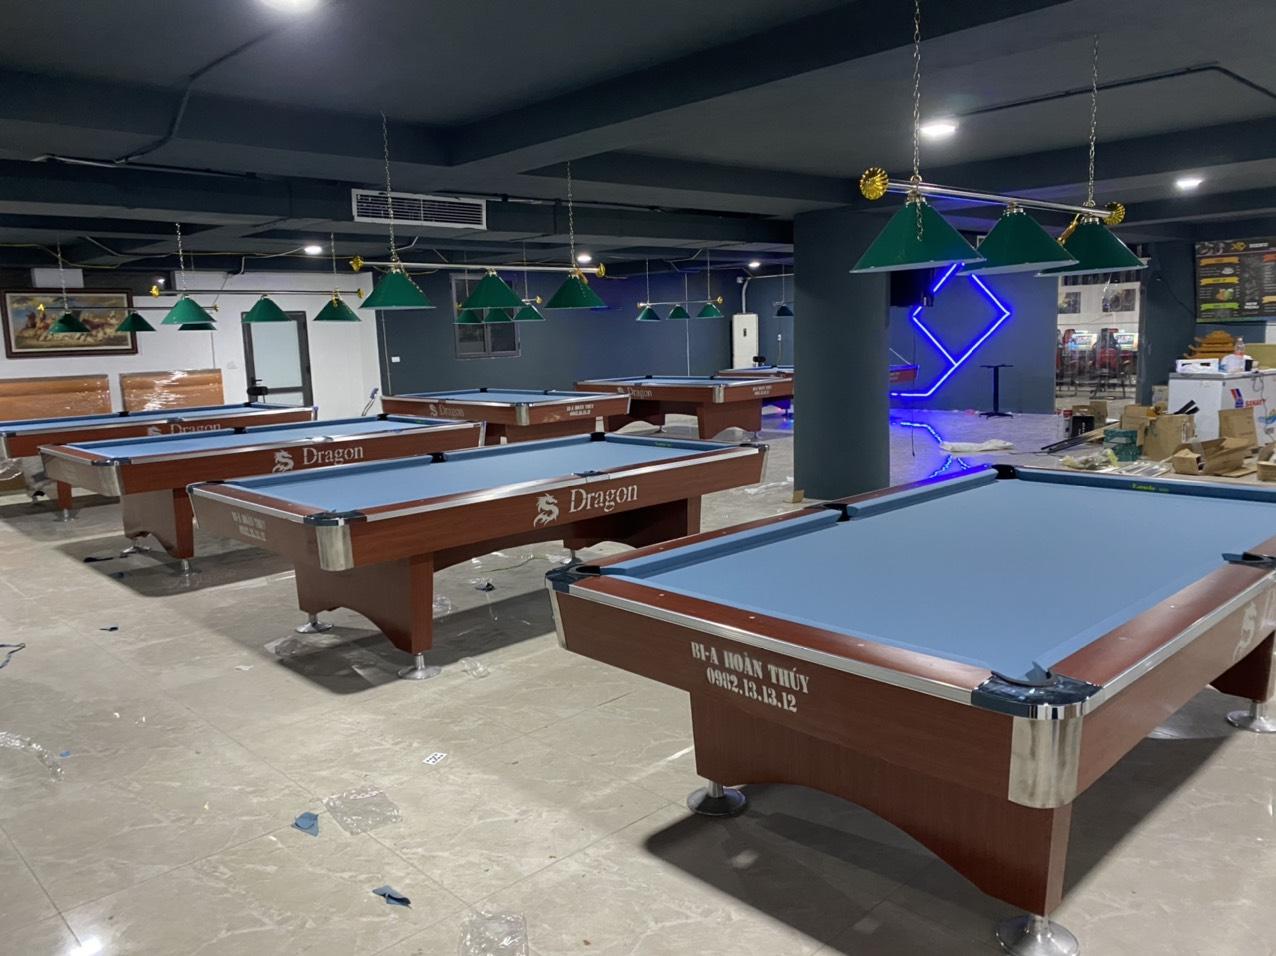 Billiards Hoàn Thúy lắp đặt 7 bàn 9018 tại Mễ Trì Hạ, Hà Nội